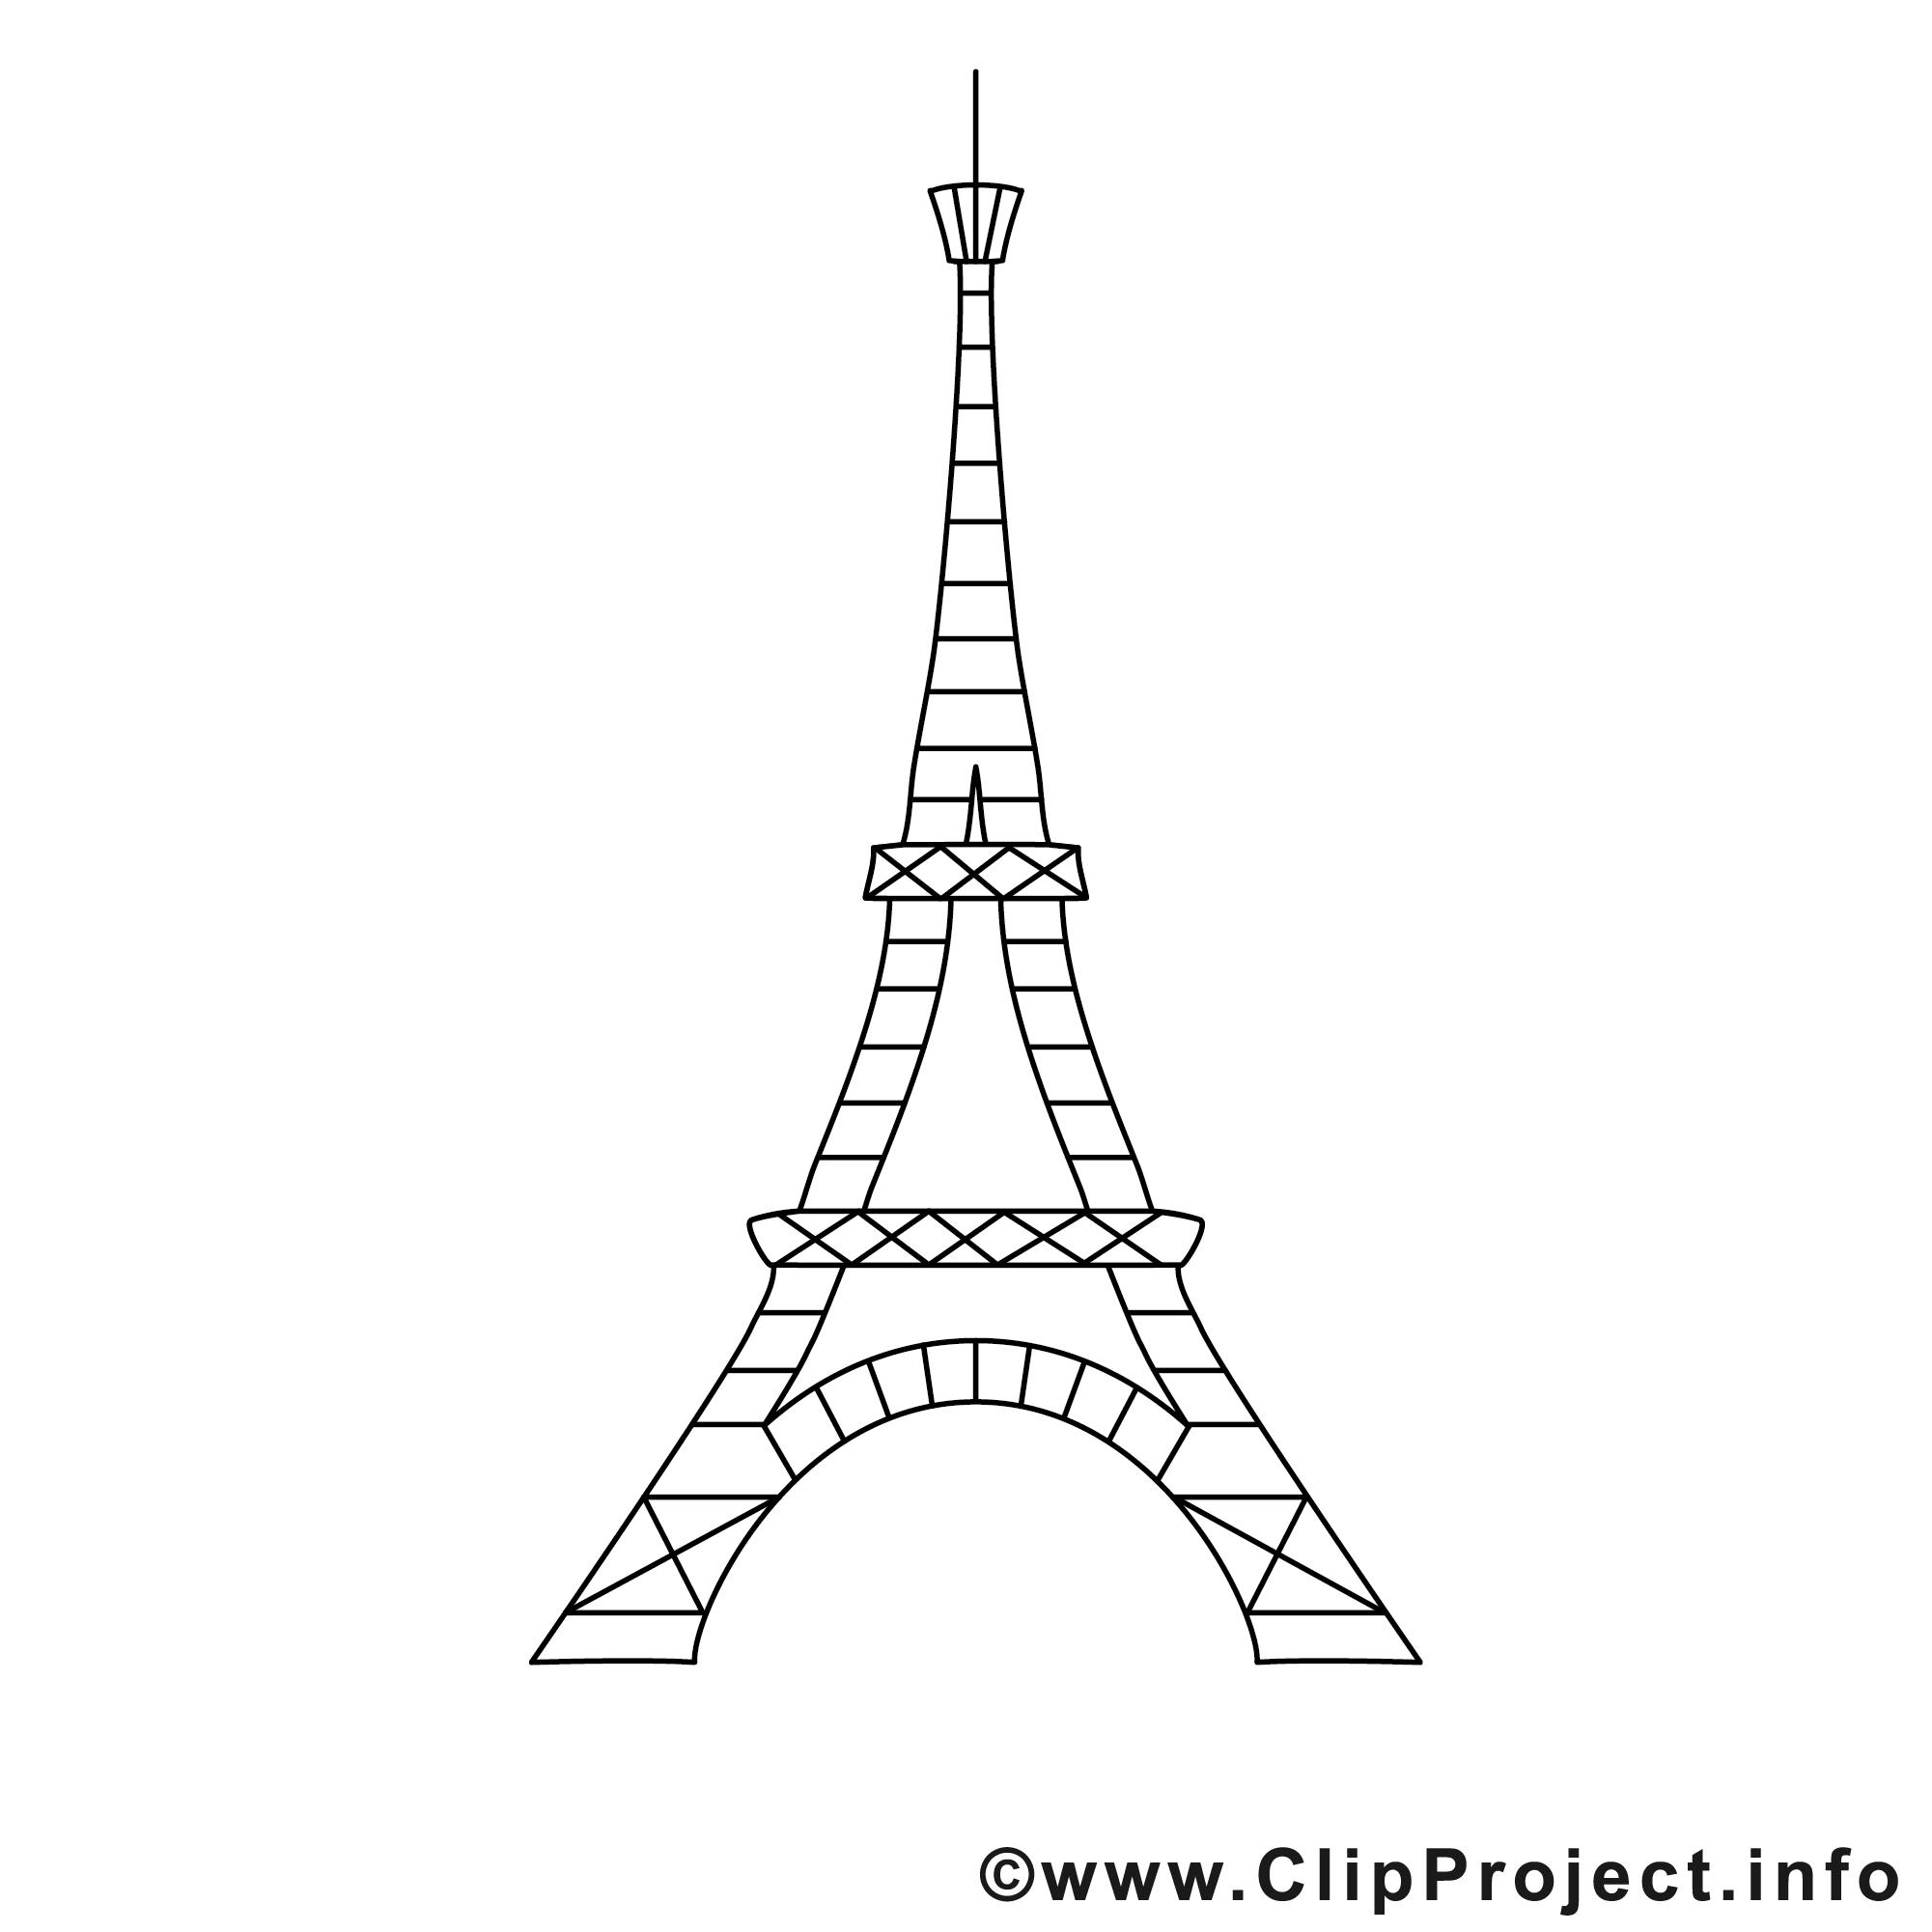 Tour Eiffel Clipart Gratuit Divers A Colorier Coloriages A Imprimer Dessin Picture Image Graphic Clip Art Telecharger Gratuit